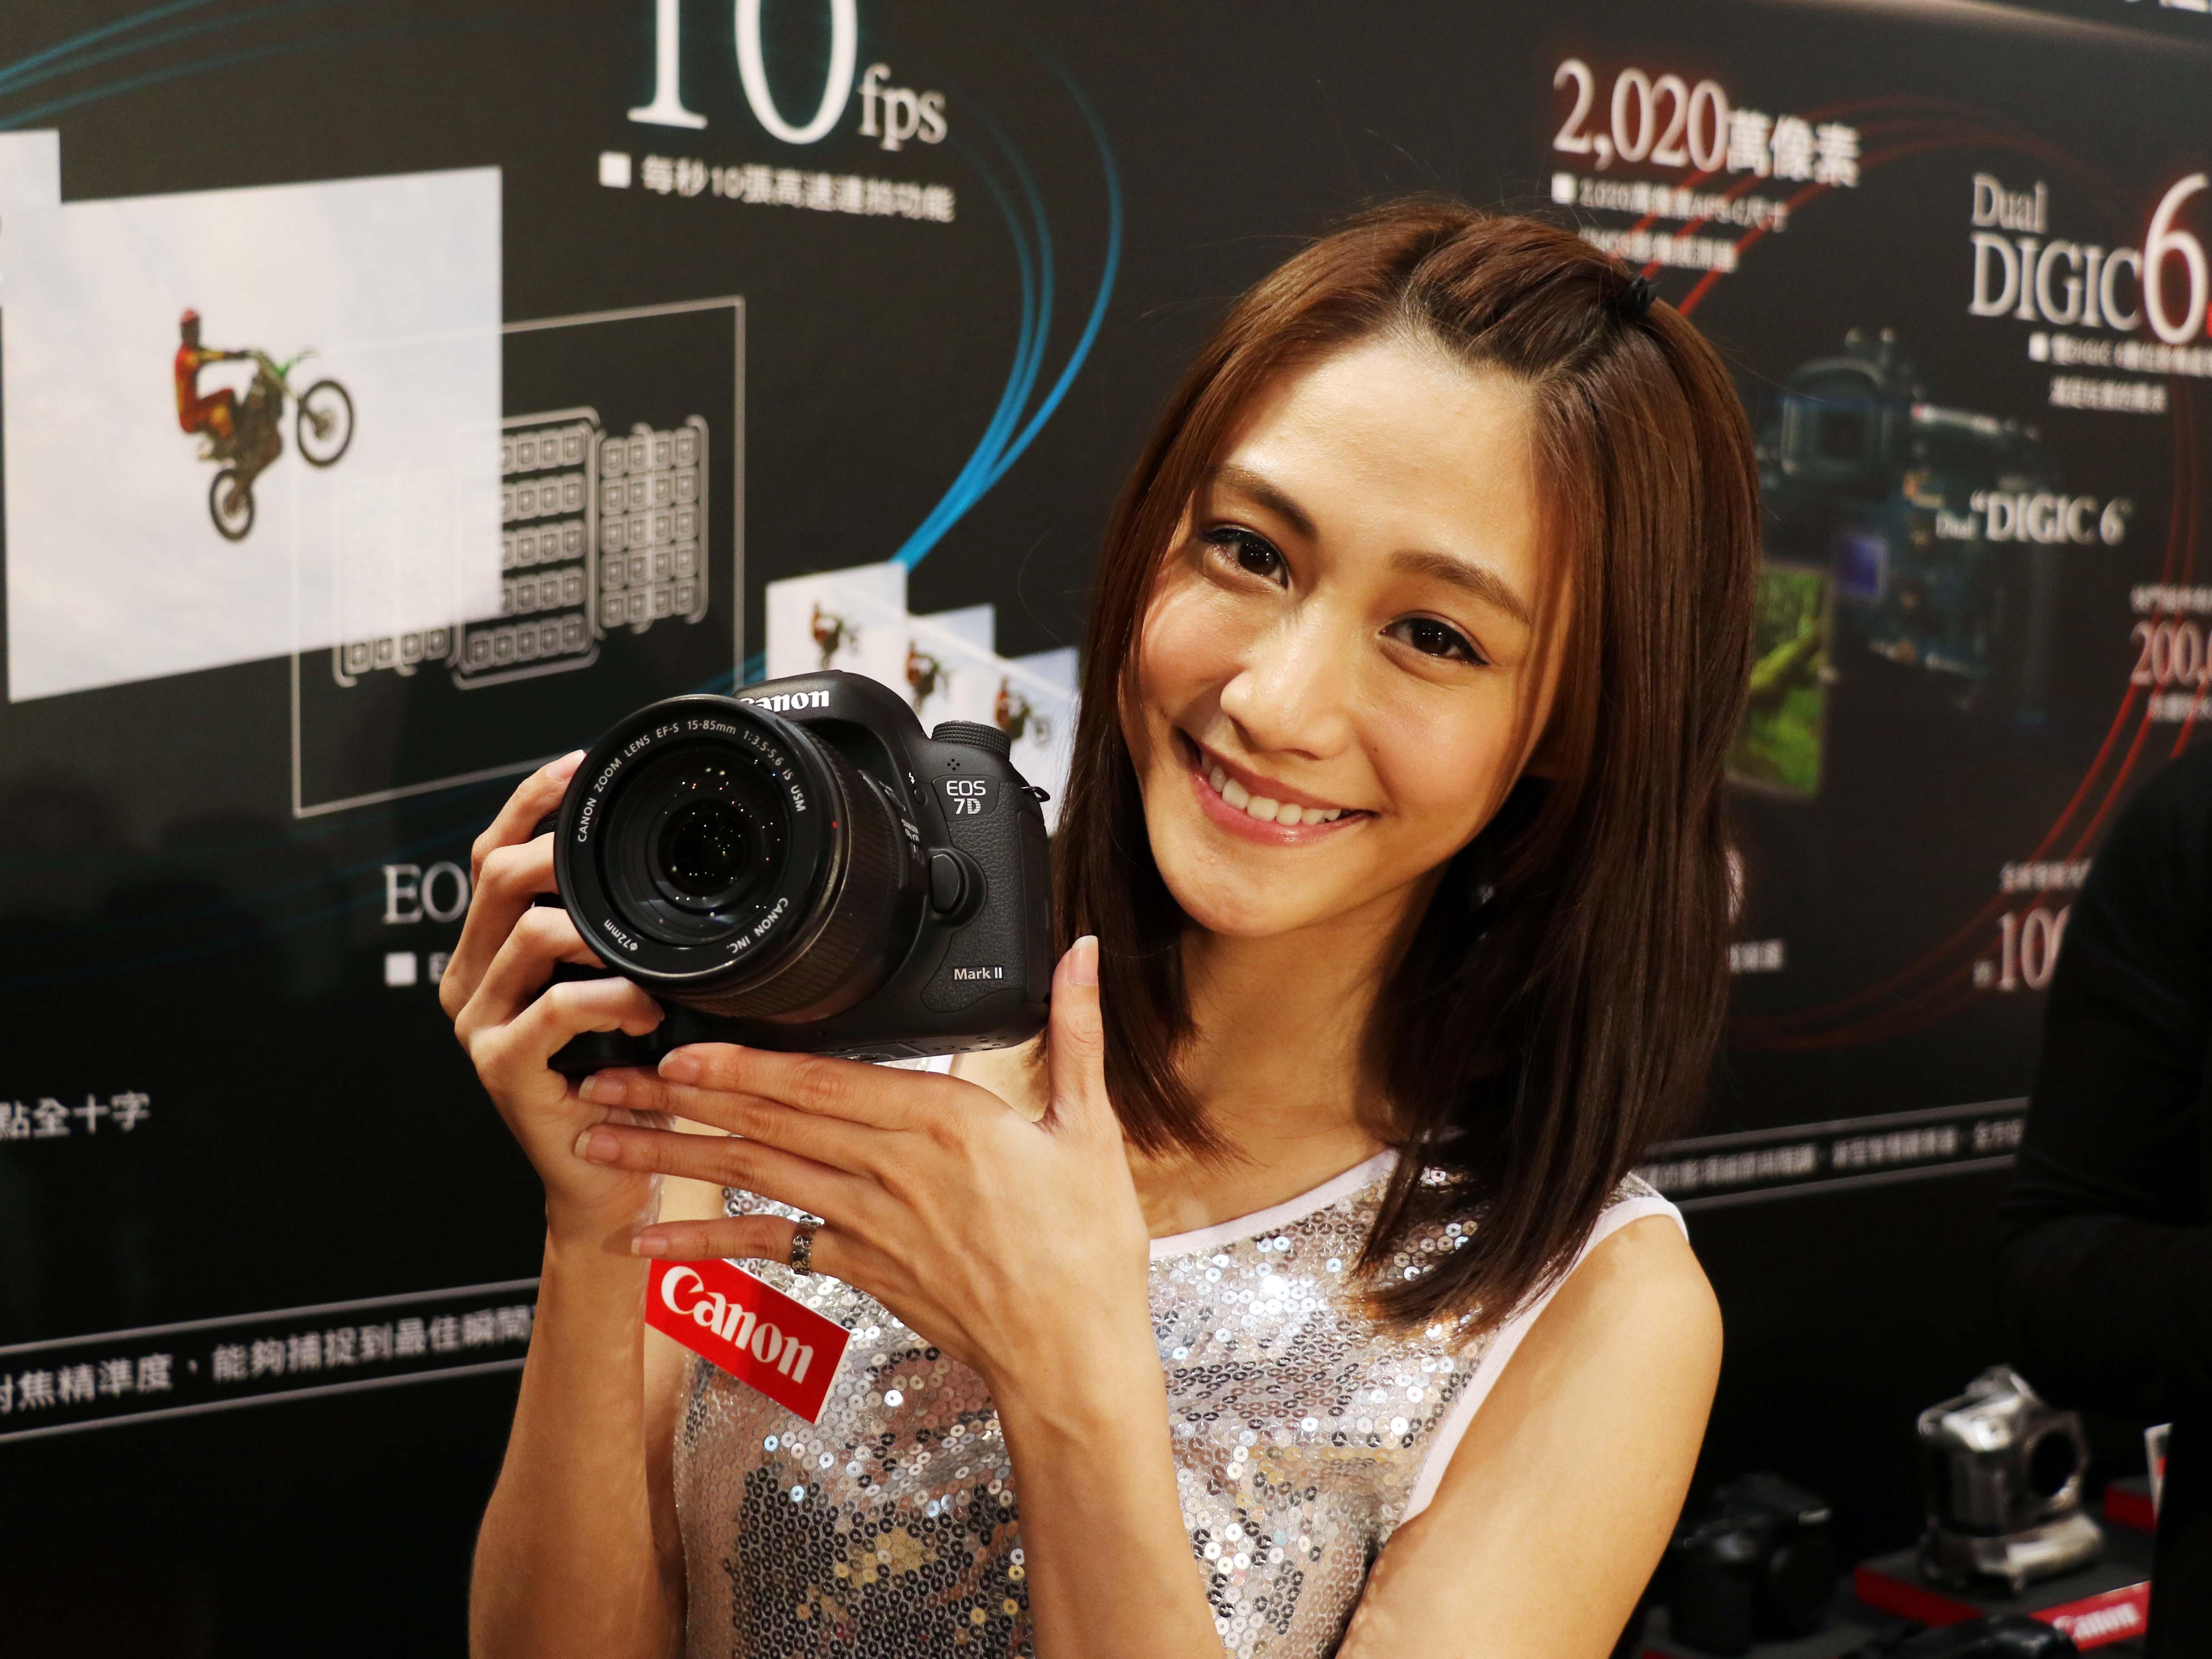 Canon EOS 7D Mark II 正式發表,加入65點全十字對焦系統、雙 DIGIC 6,最高可連拍1090張 JPEG